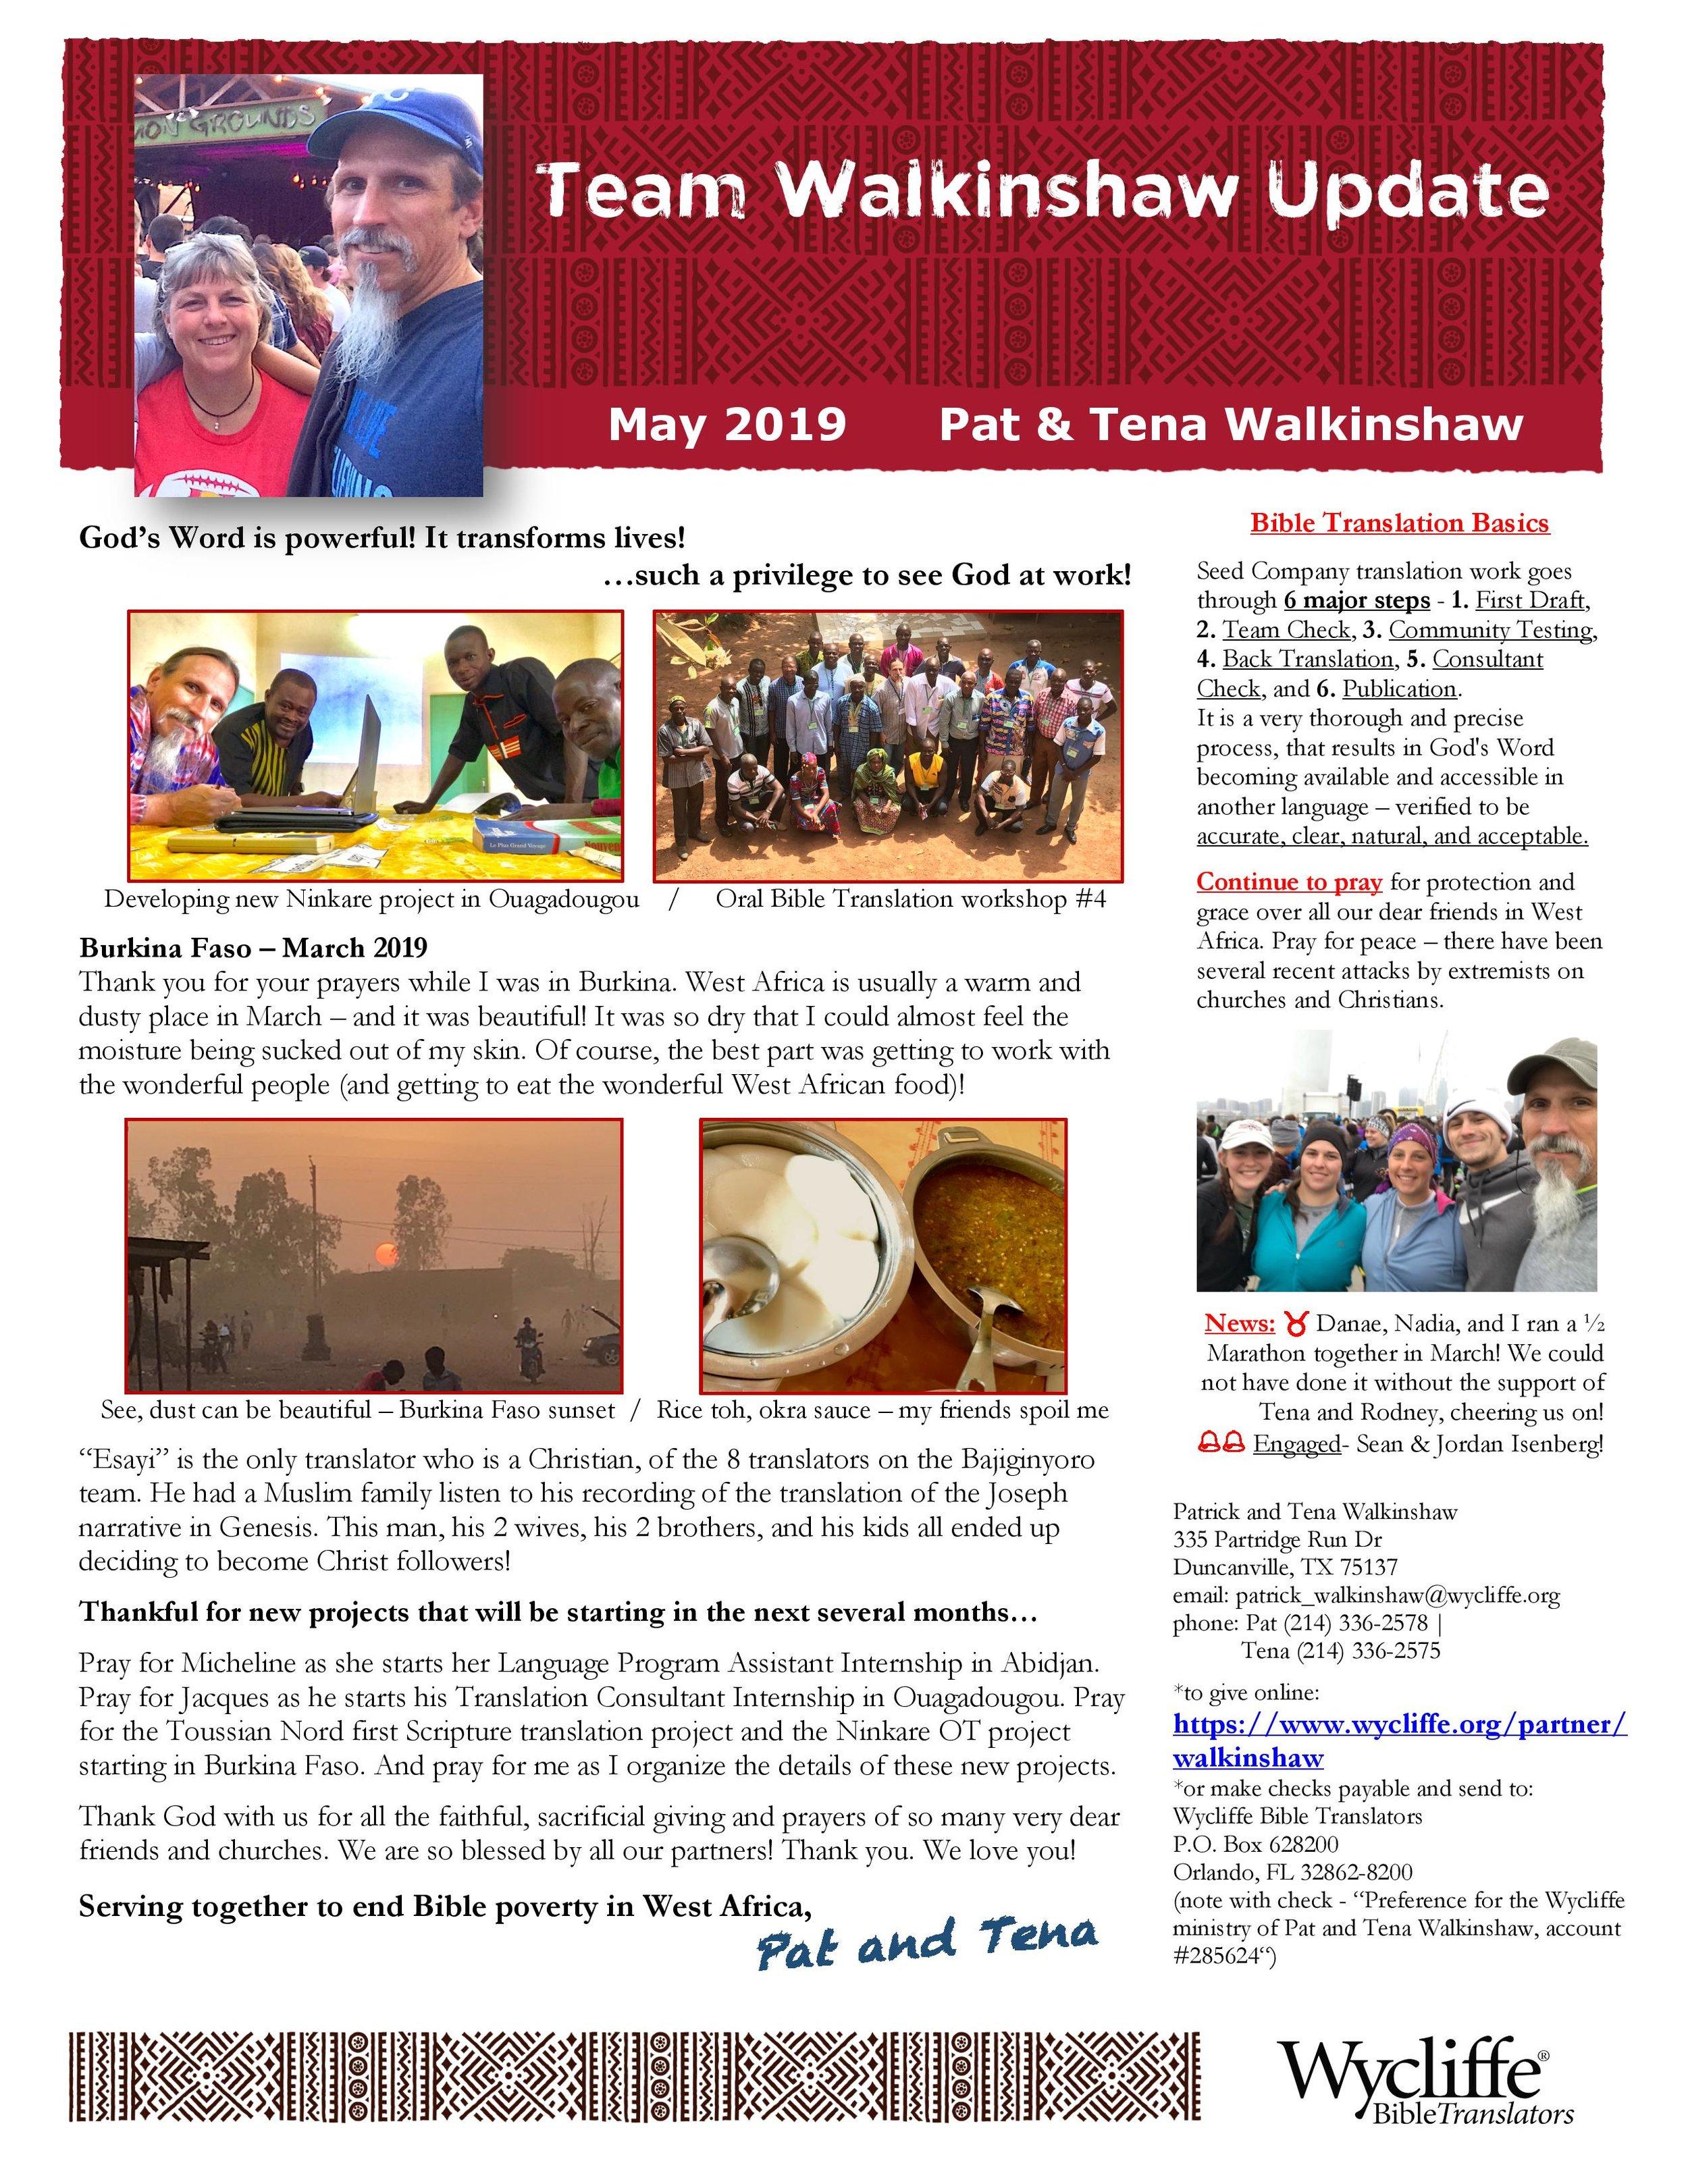 Team Walkinshaw Update May 2019 final-page-001.jpg